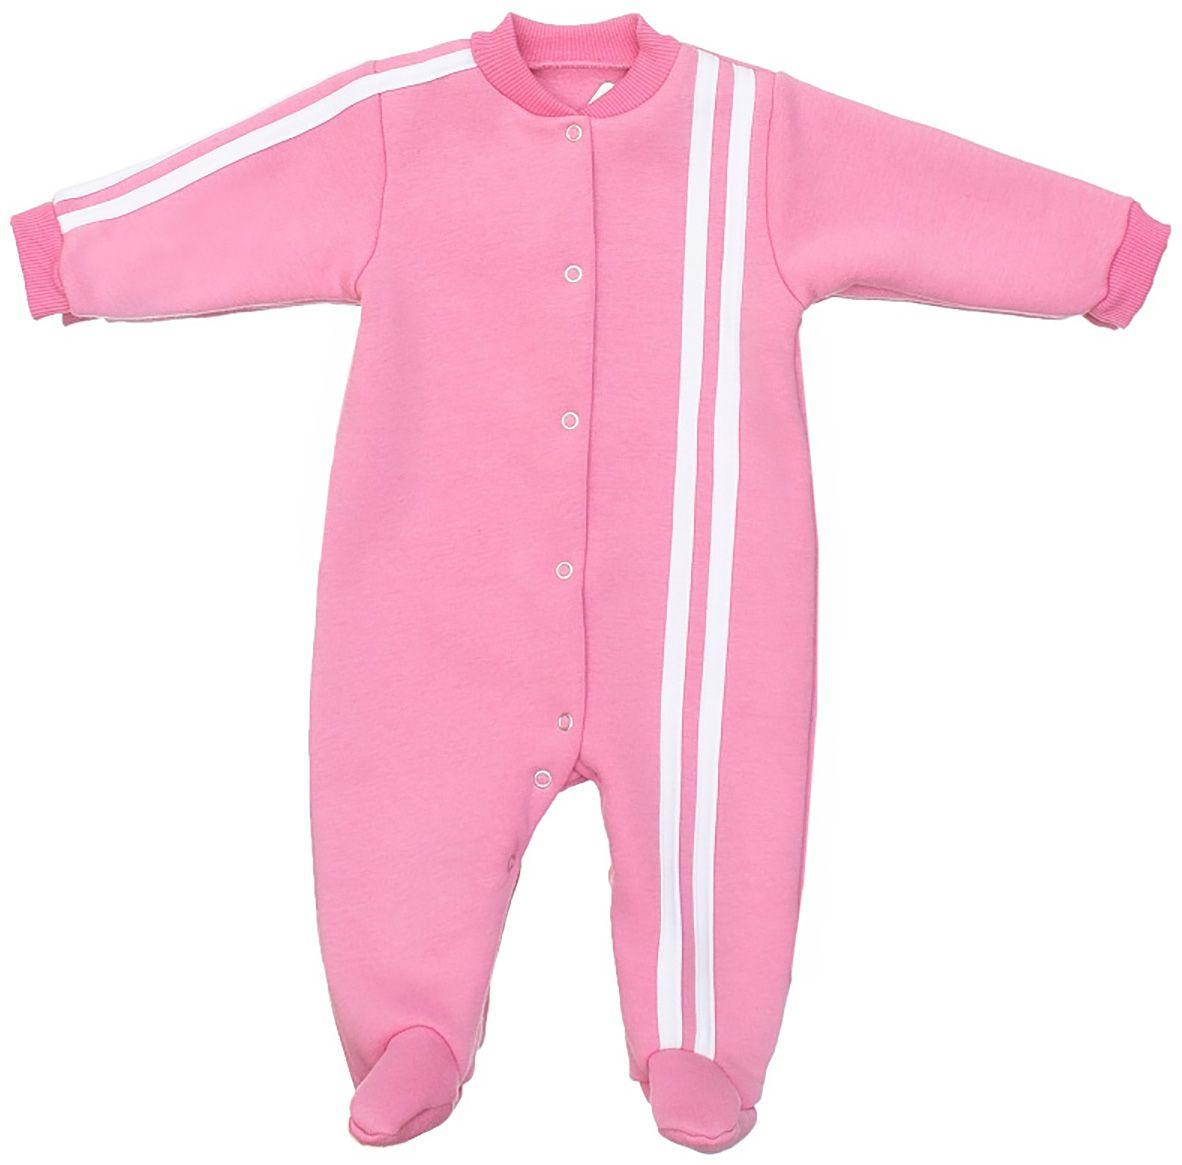 Комбинезон утепленный5101-20Детский комбинезон M&D - очень удобный и практичный вид одежды для малышей. Комбинезон выполнен из хлопка с добавлением полиэстера, благодаря чему он необычайно мягкий и приятный на ощупь, не раздражает нежную кожу ребенка и хорошо вентилируется. Комбинезон с длинными рукавами и закрытыми ножками застегивается на застежки-кнопки от горловины до щиколотки, что помогает легко переодеть малыша или сменить подгузник. Оформлена модель контрастными полосками. Воротник и манжеты рукавов дополнены трикотажными резинками. С внутренней стороны модель имеет мягкий начес.